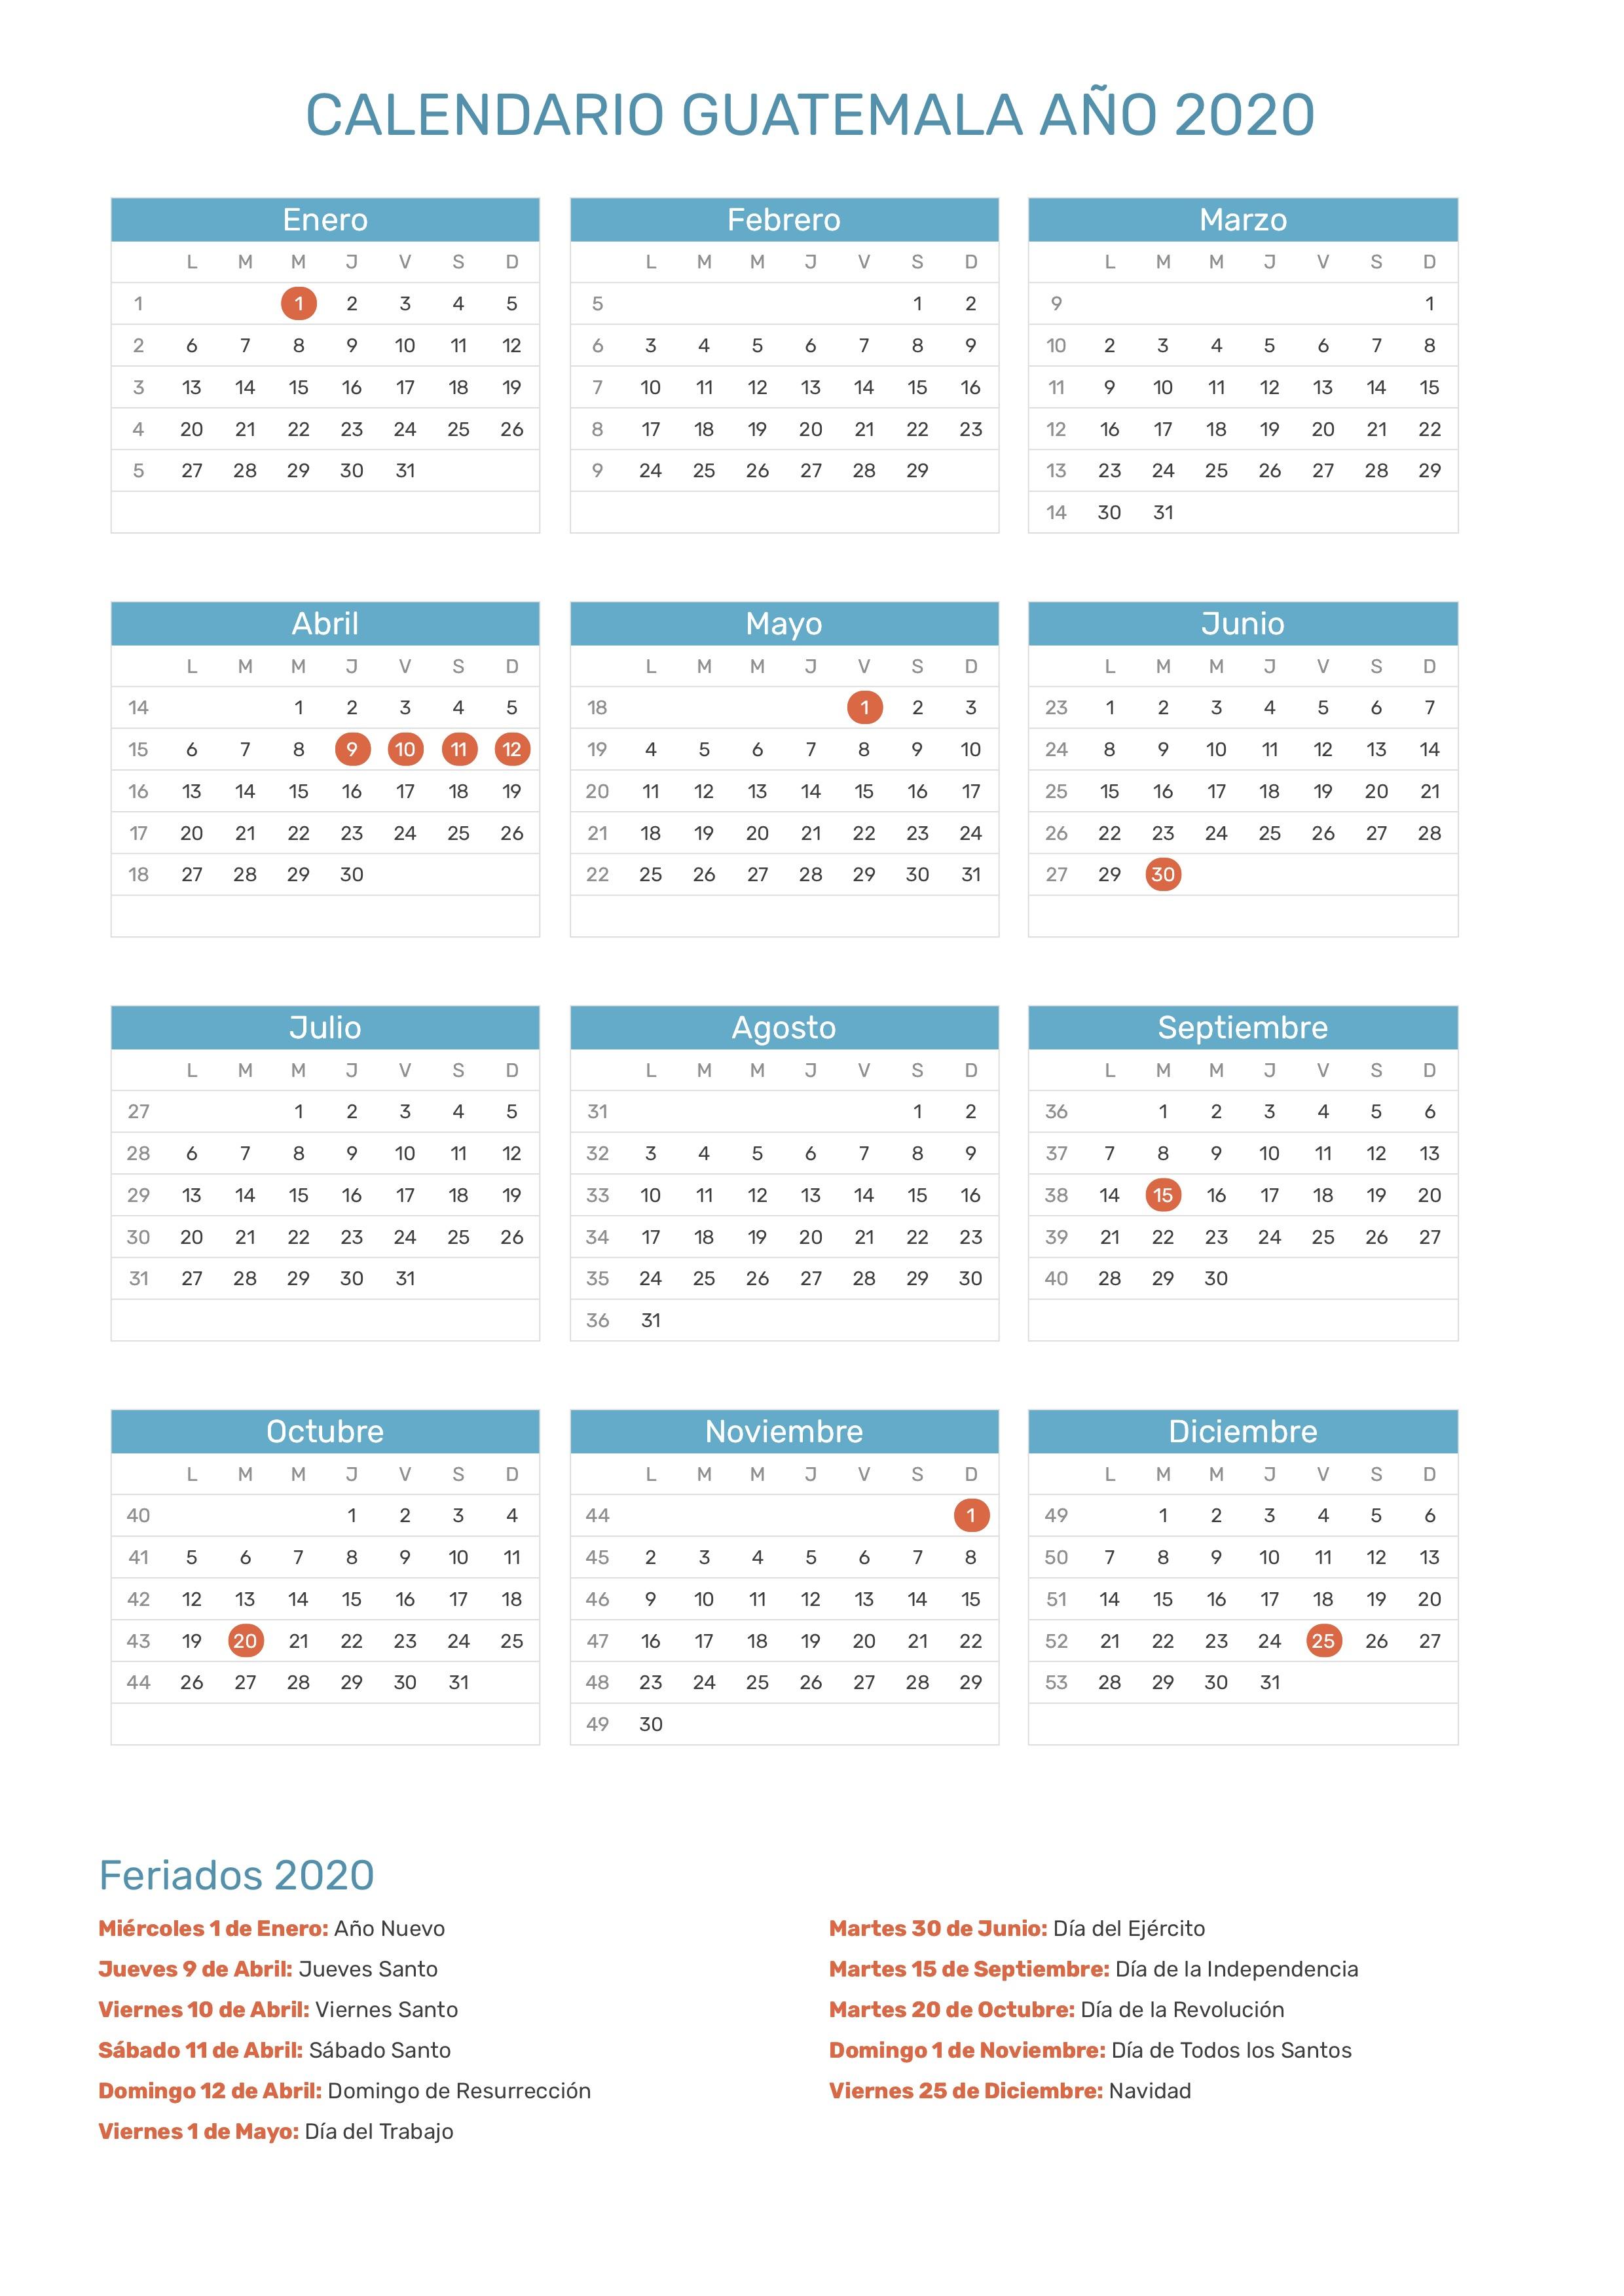 Calendario 2020 Excel Mensual.Calendario Mensual 2020 Excel